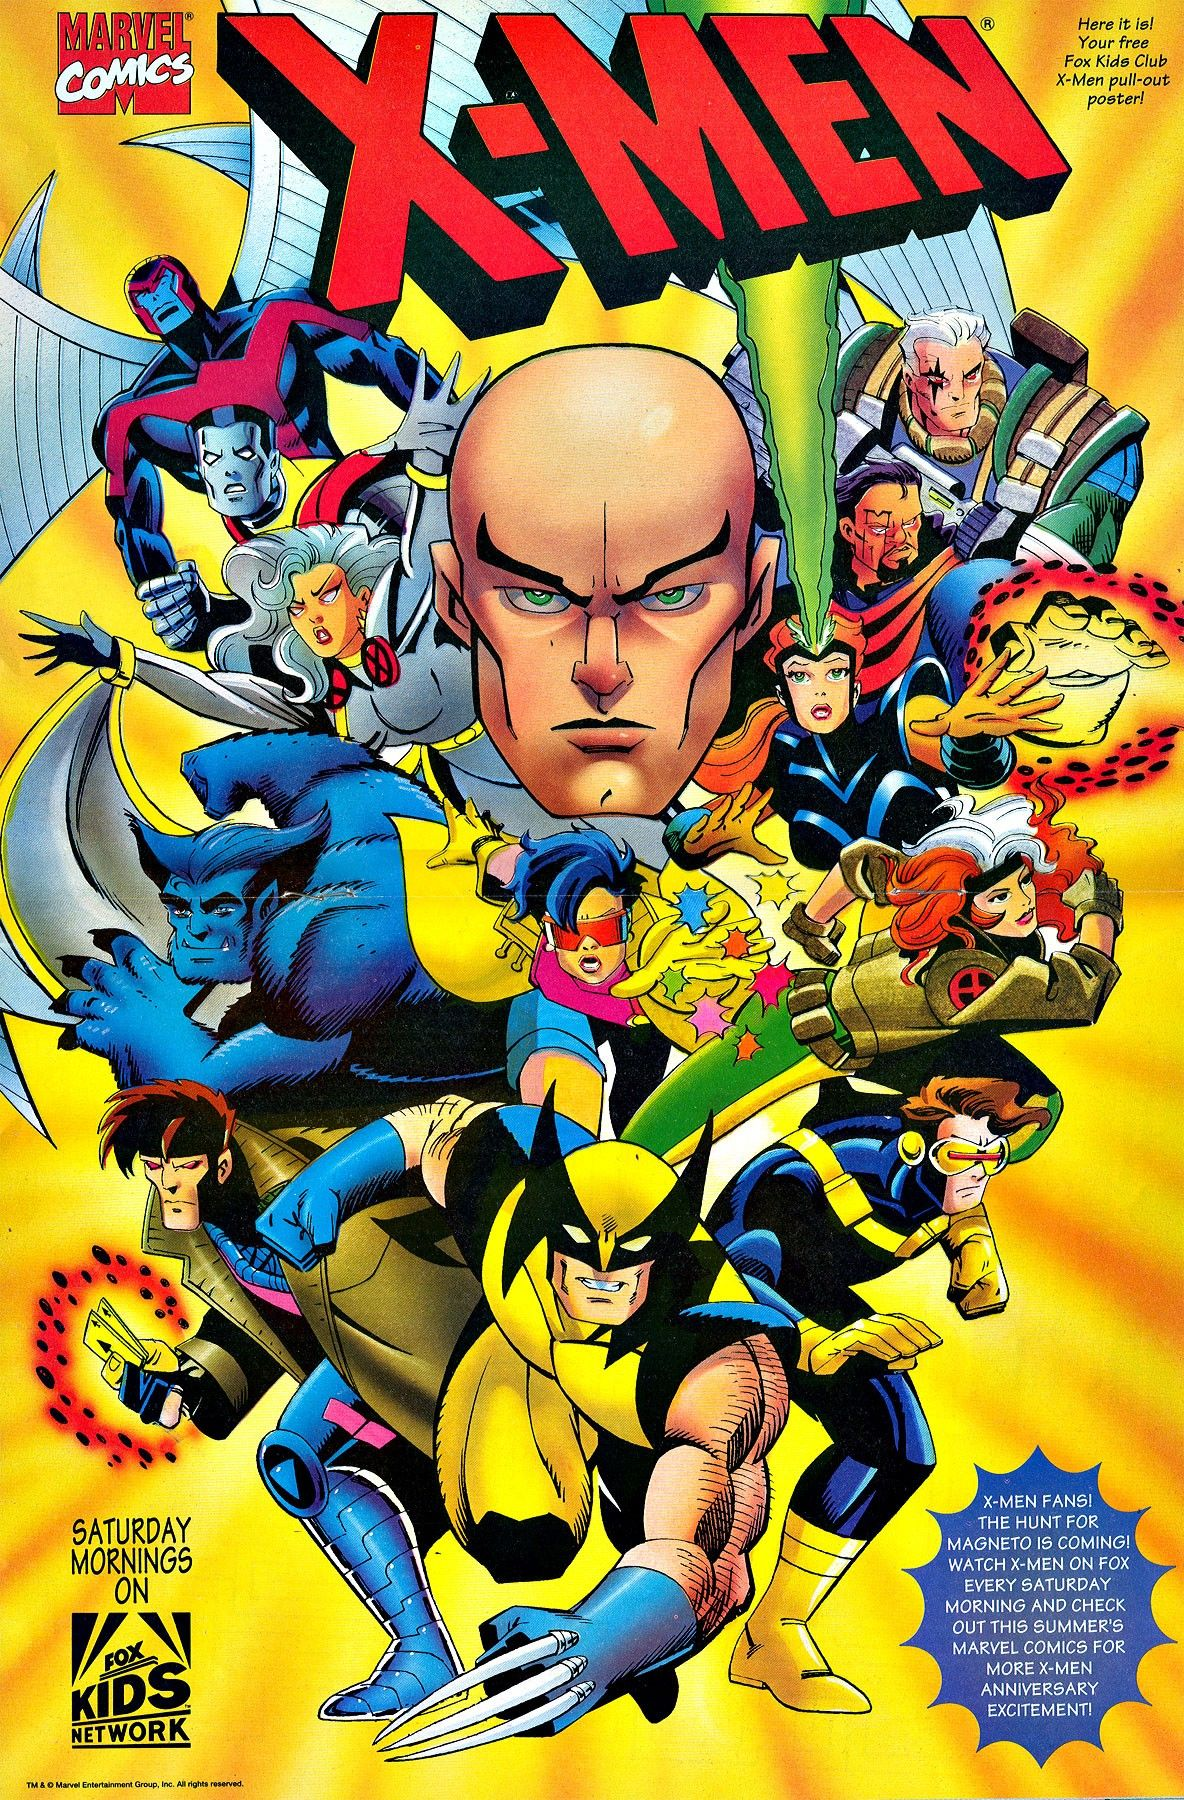 X-Men Komik Karya Stan Lee Yang Bersejarah